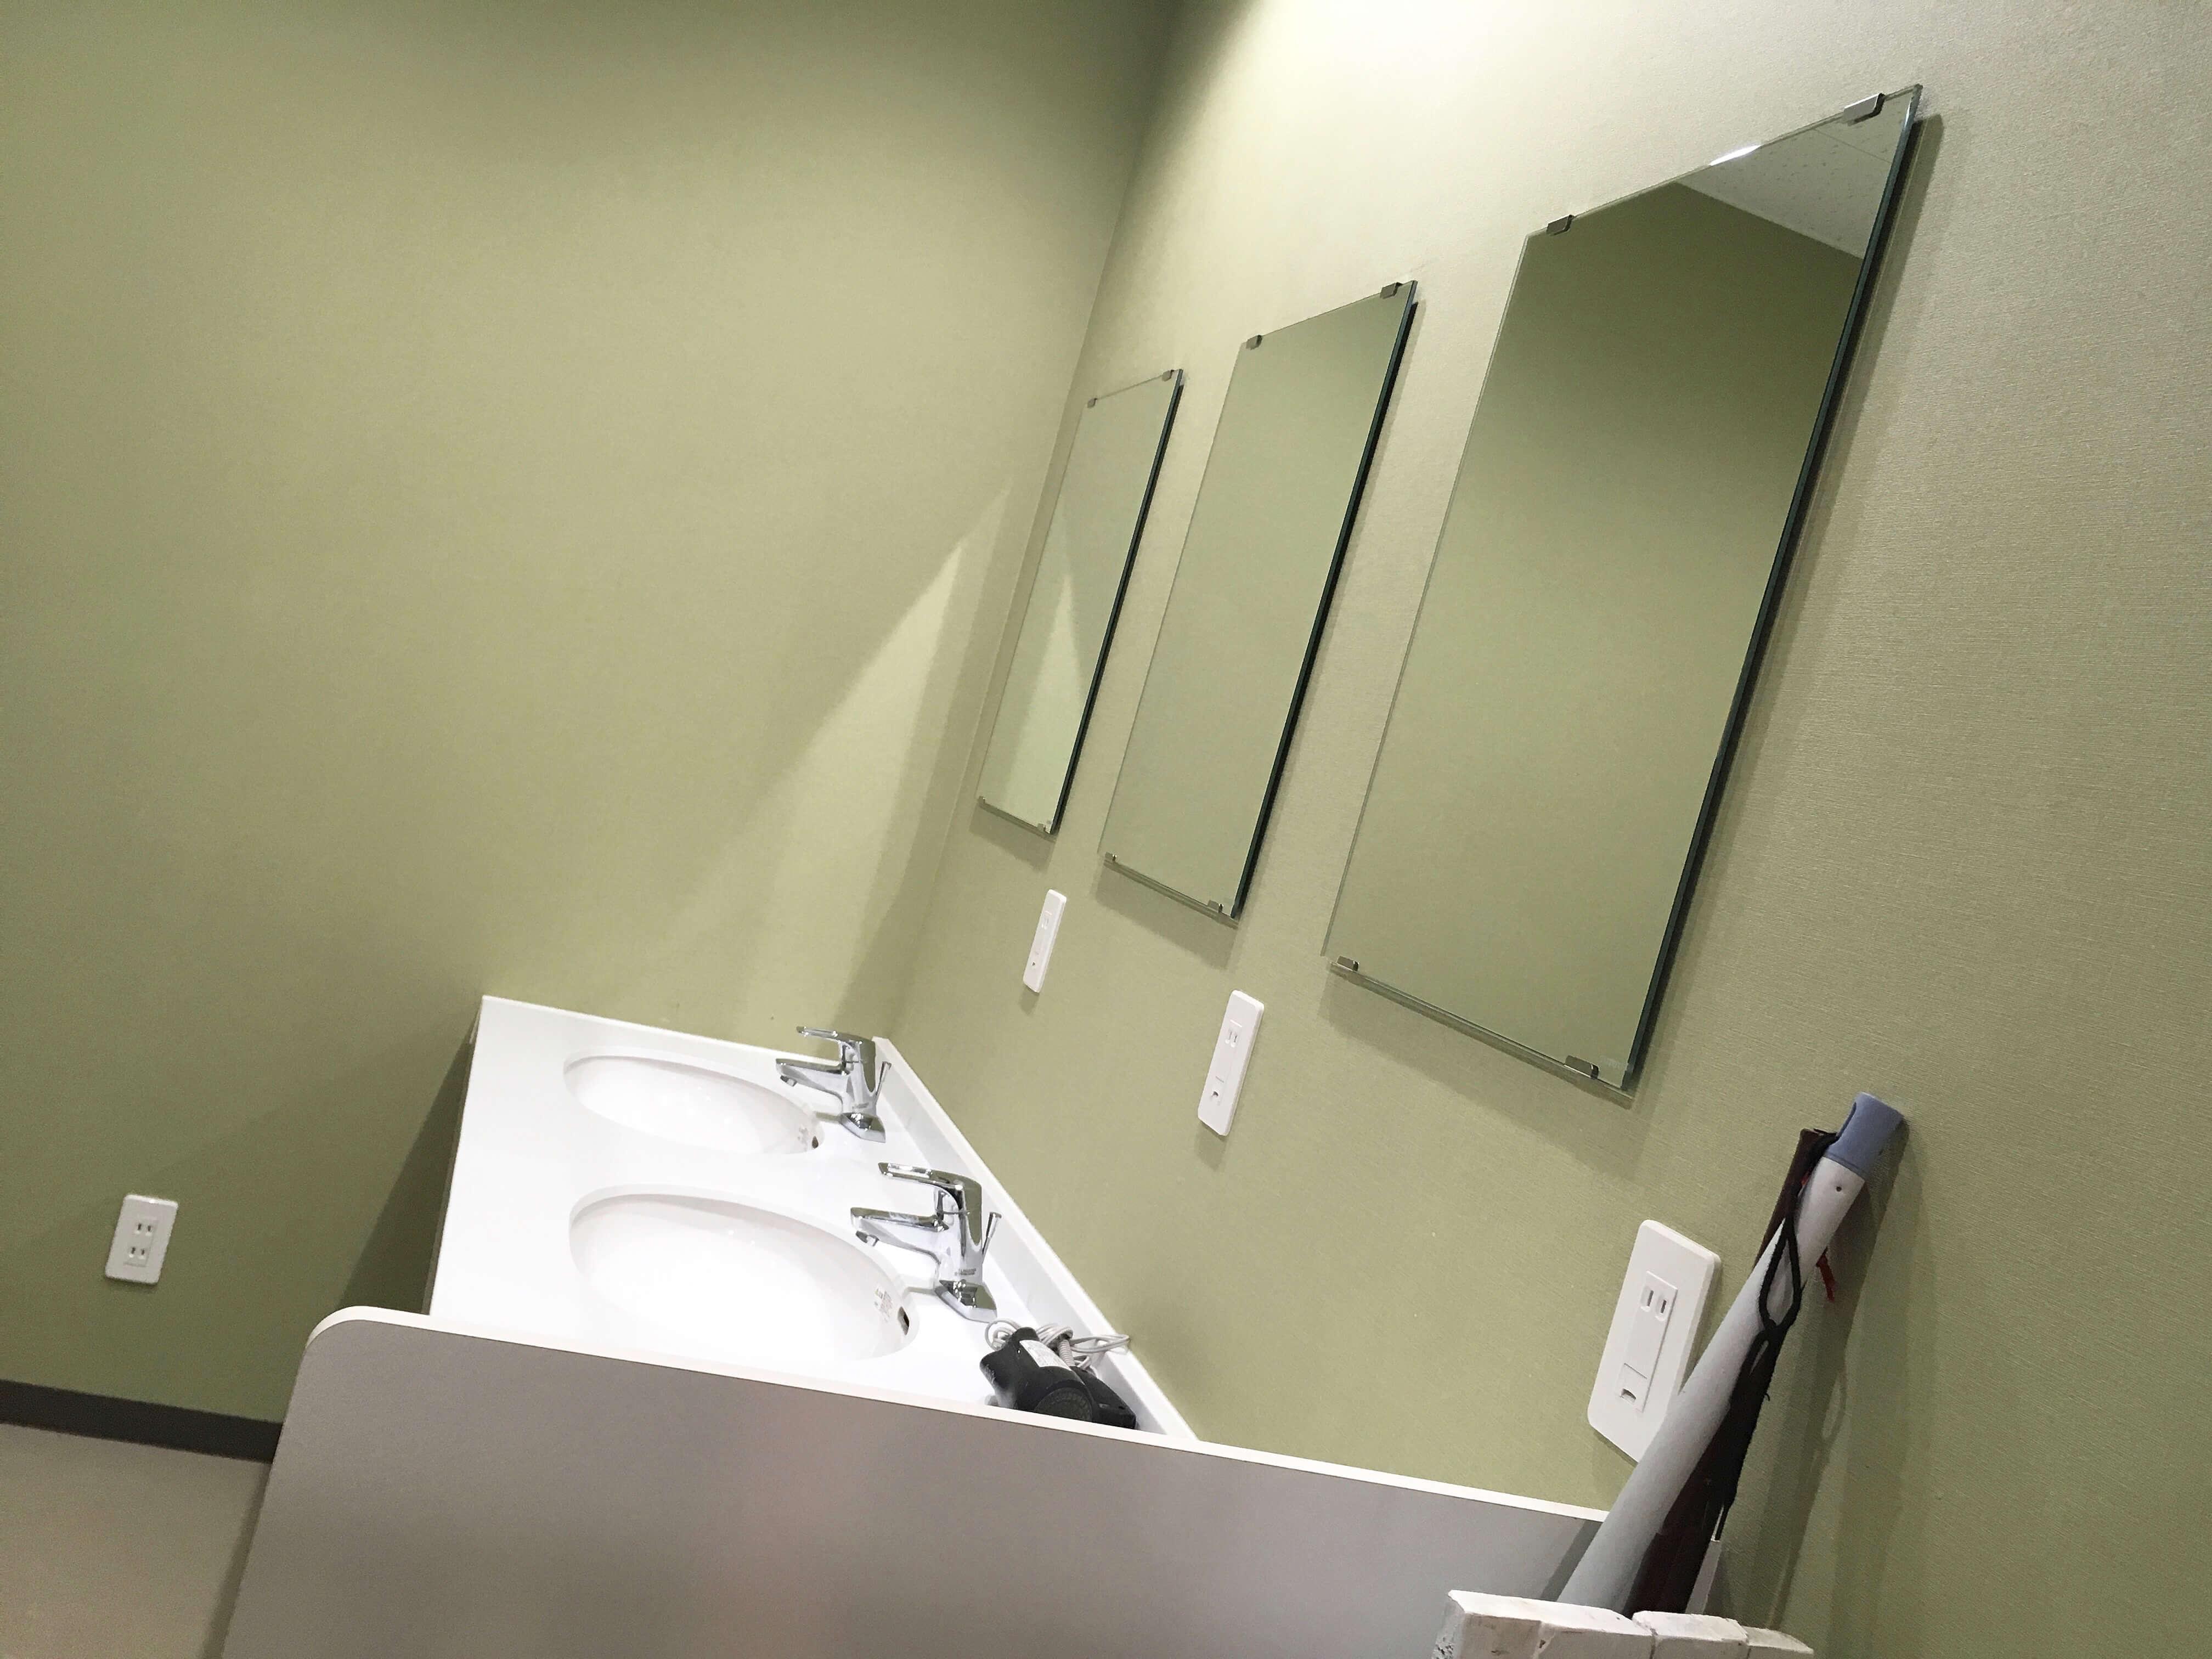 レイクロッジヤマナカ シャワー 洗面台